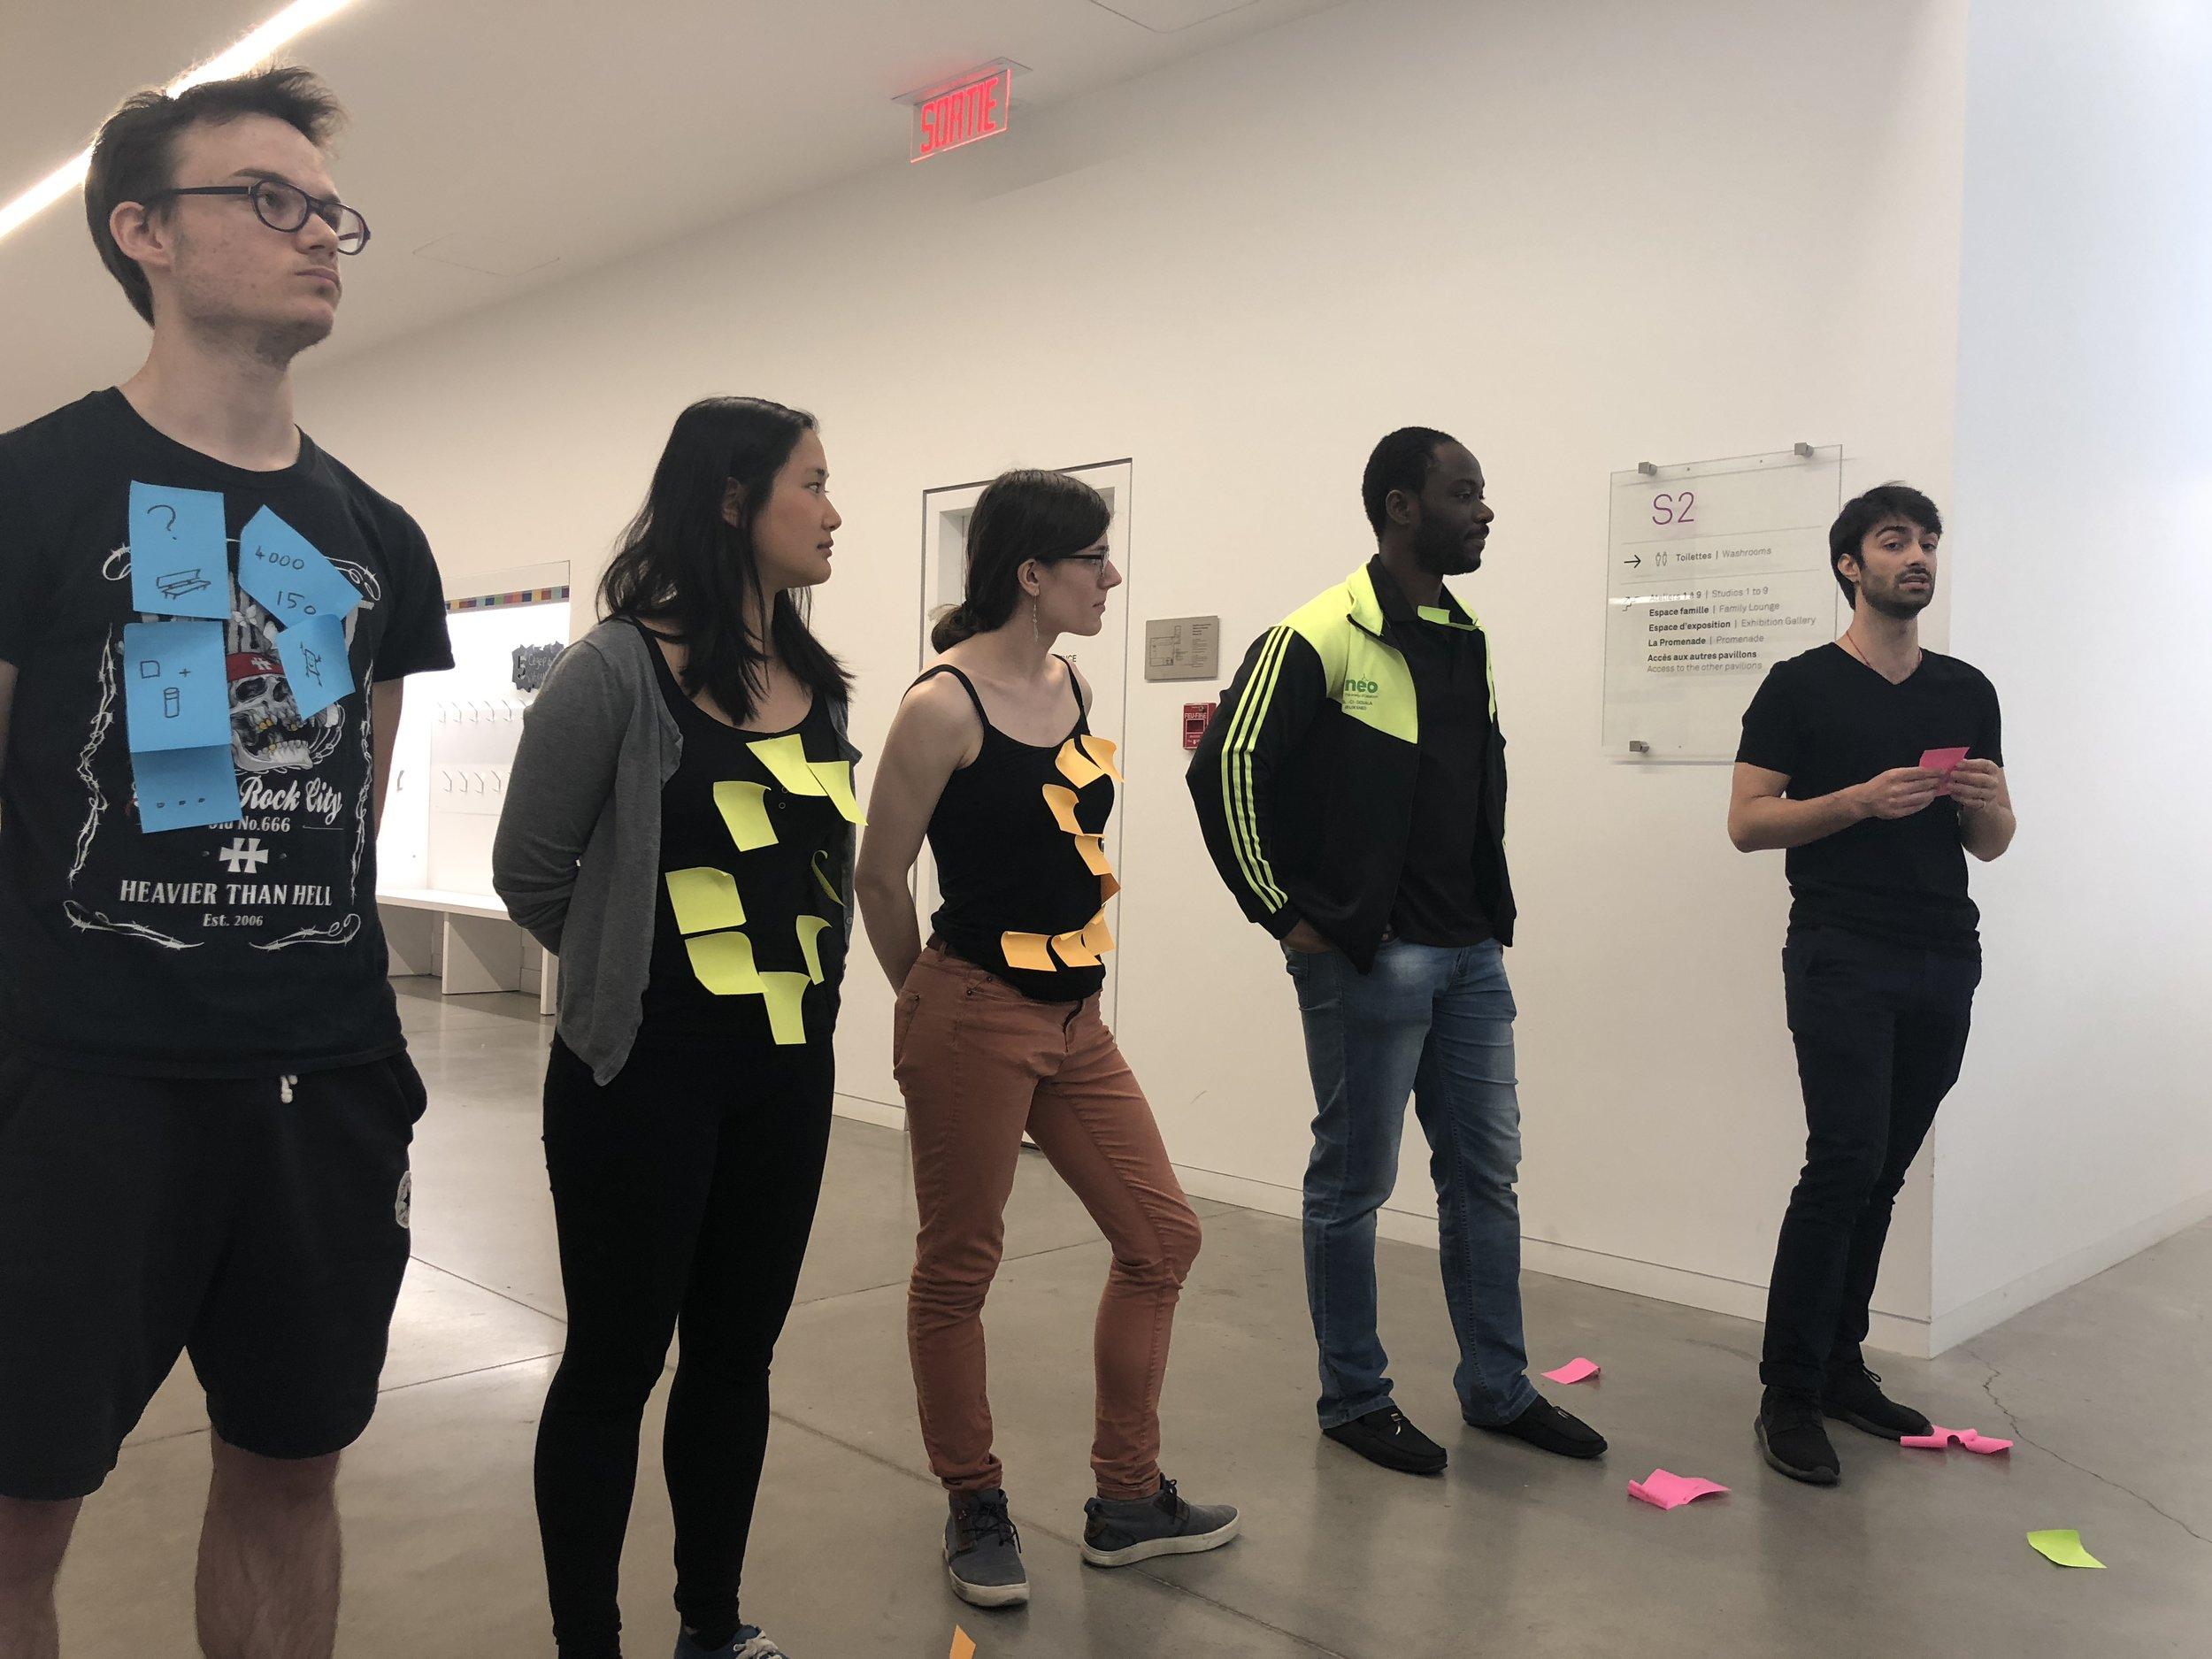 Guillaume Dessevre, Kim-Séang Lauch, Solène Kojtych, Willy Nzale et Philippe St-Aubin, doctorants à l'École Polytechnique de Montréal présentent l'histoire de la découverte du post-it.